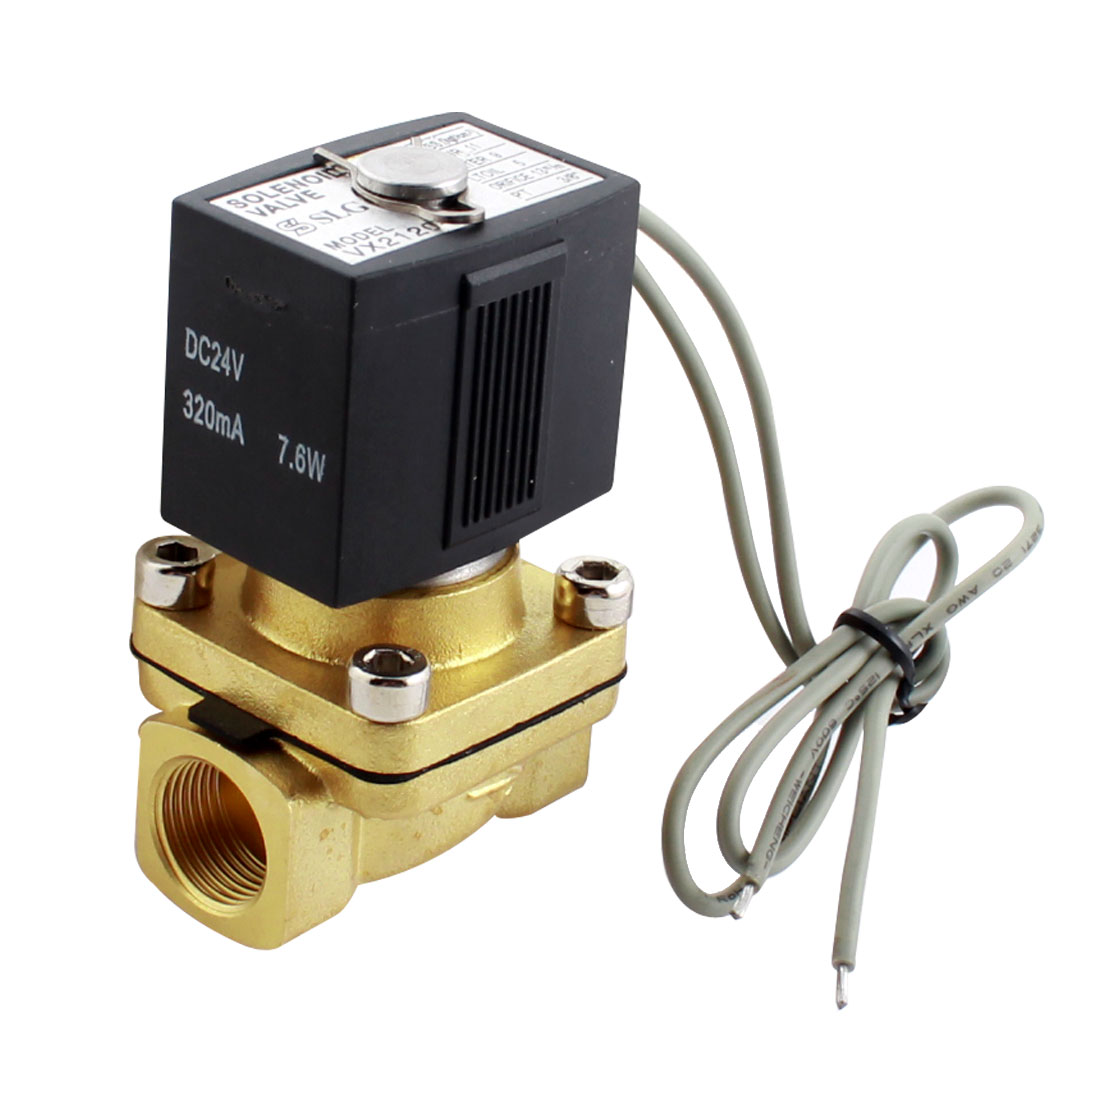 AC 220V 3/8 PT 2 Port 2 Position NC Electric Solenoid Valve